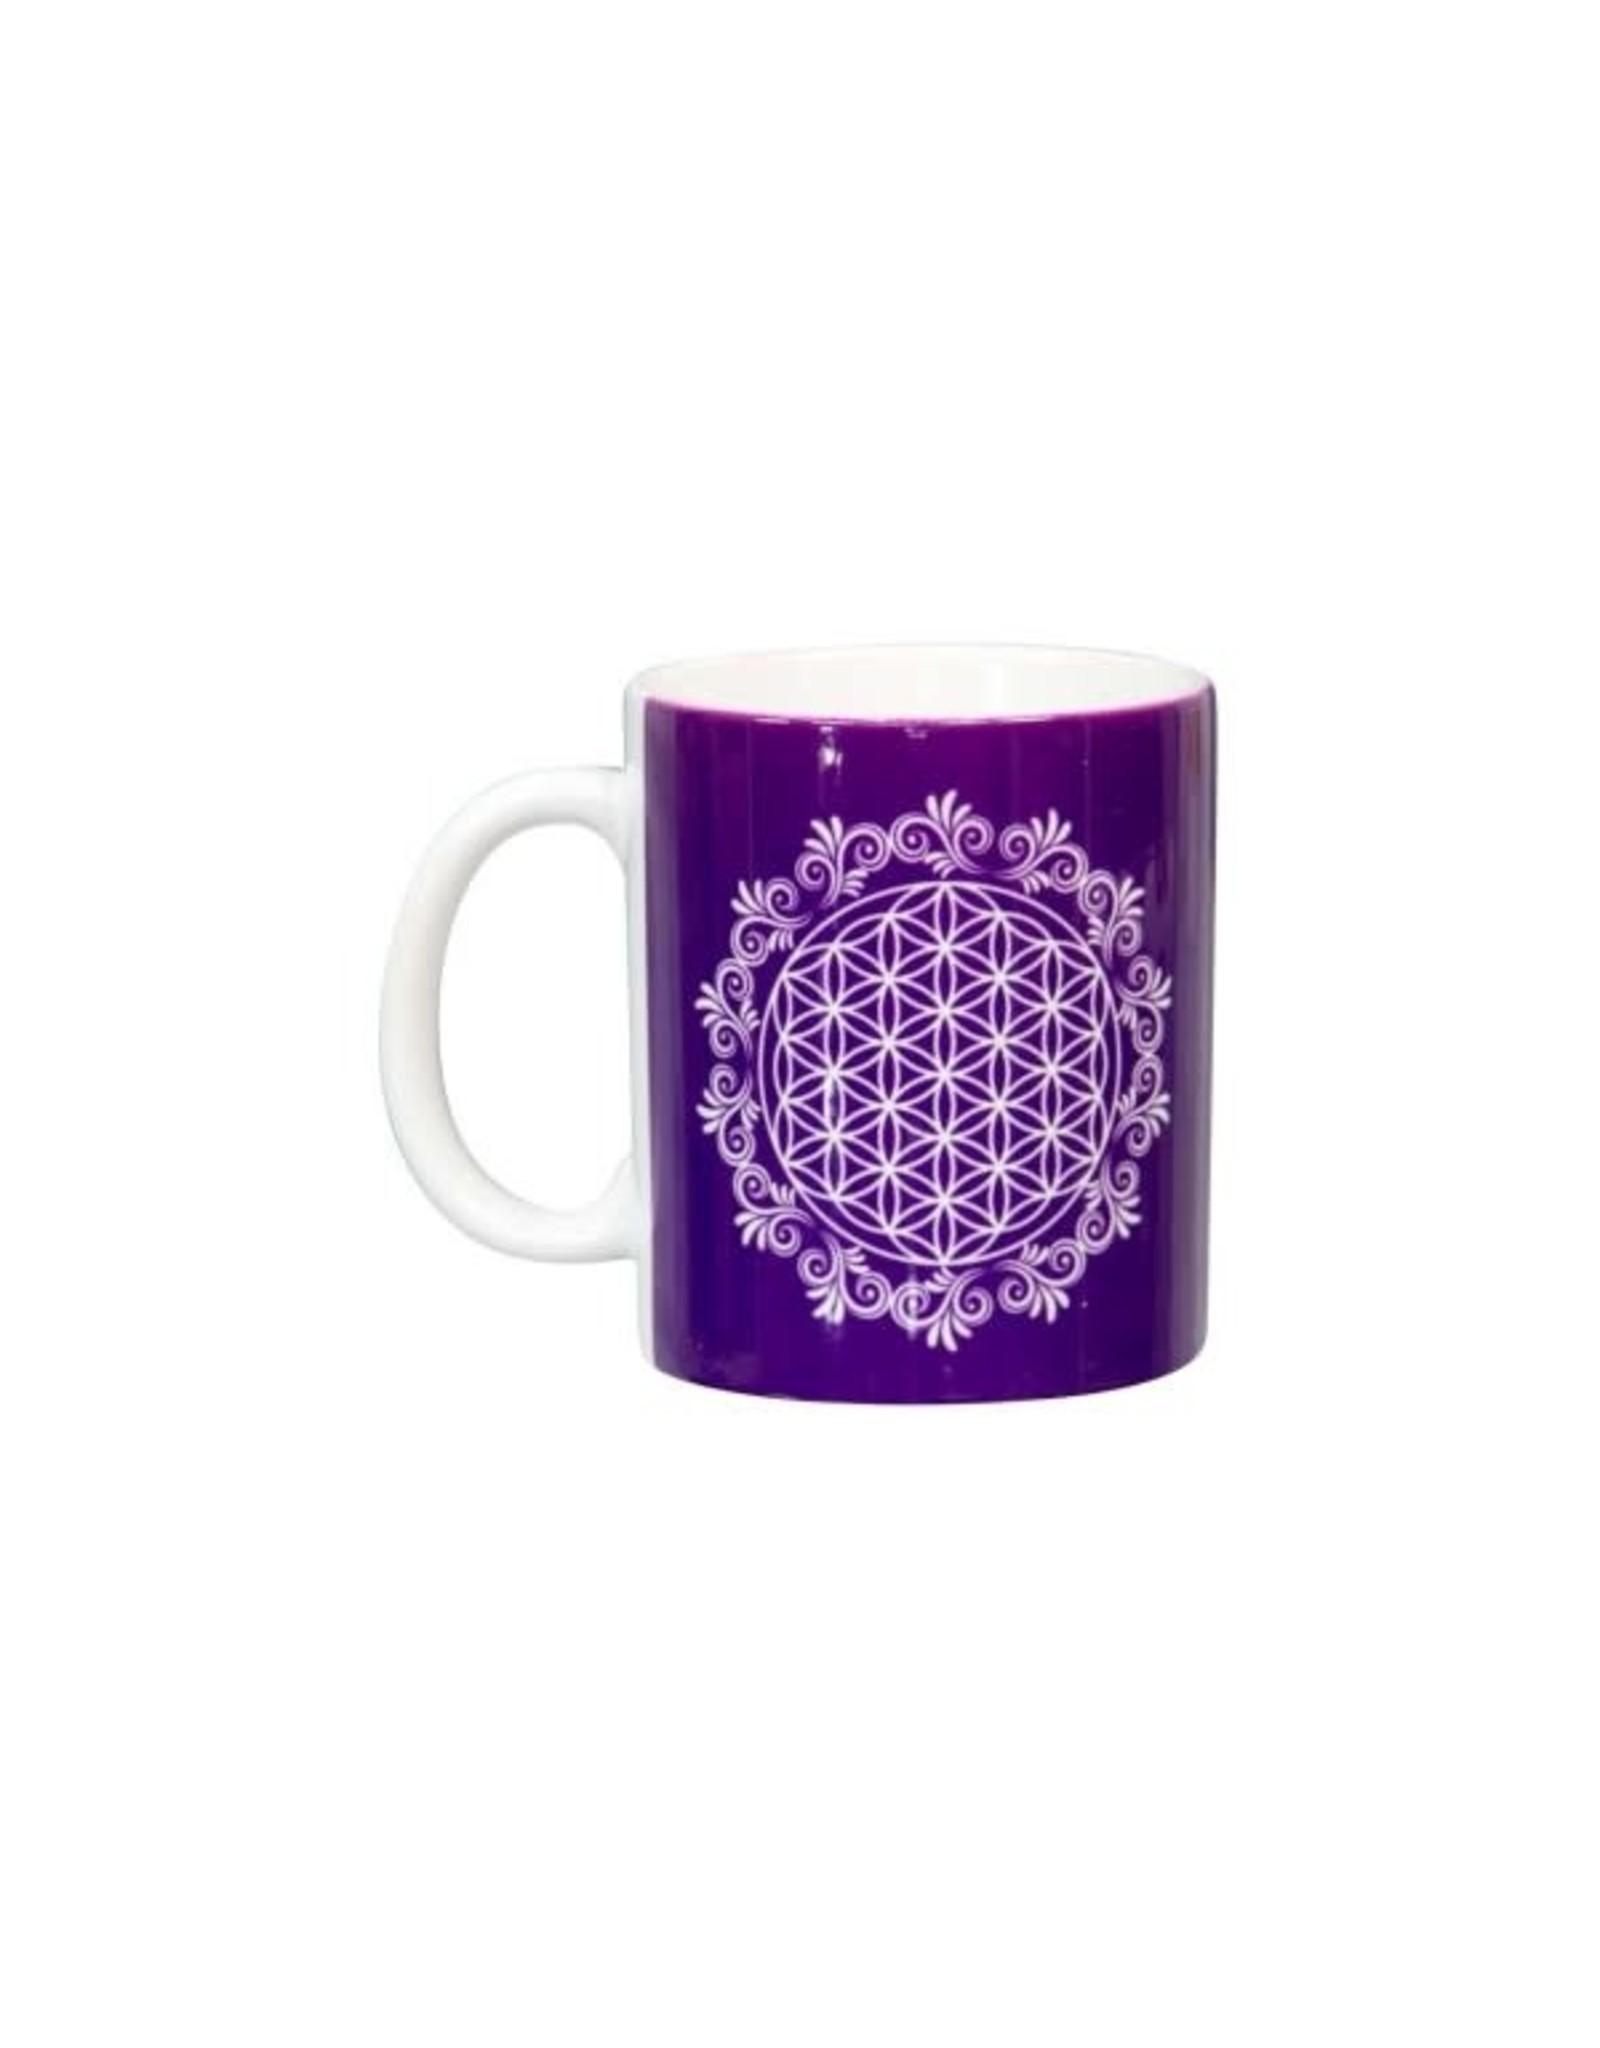 Kheops Flower Of Life Mug